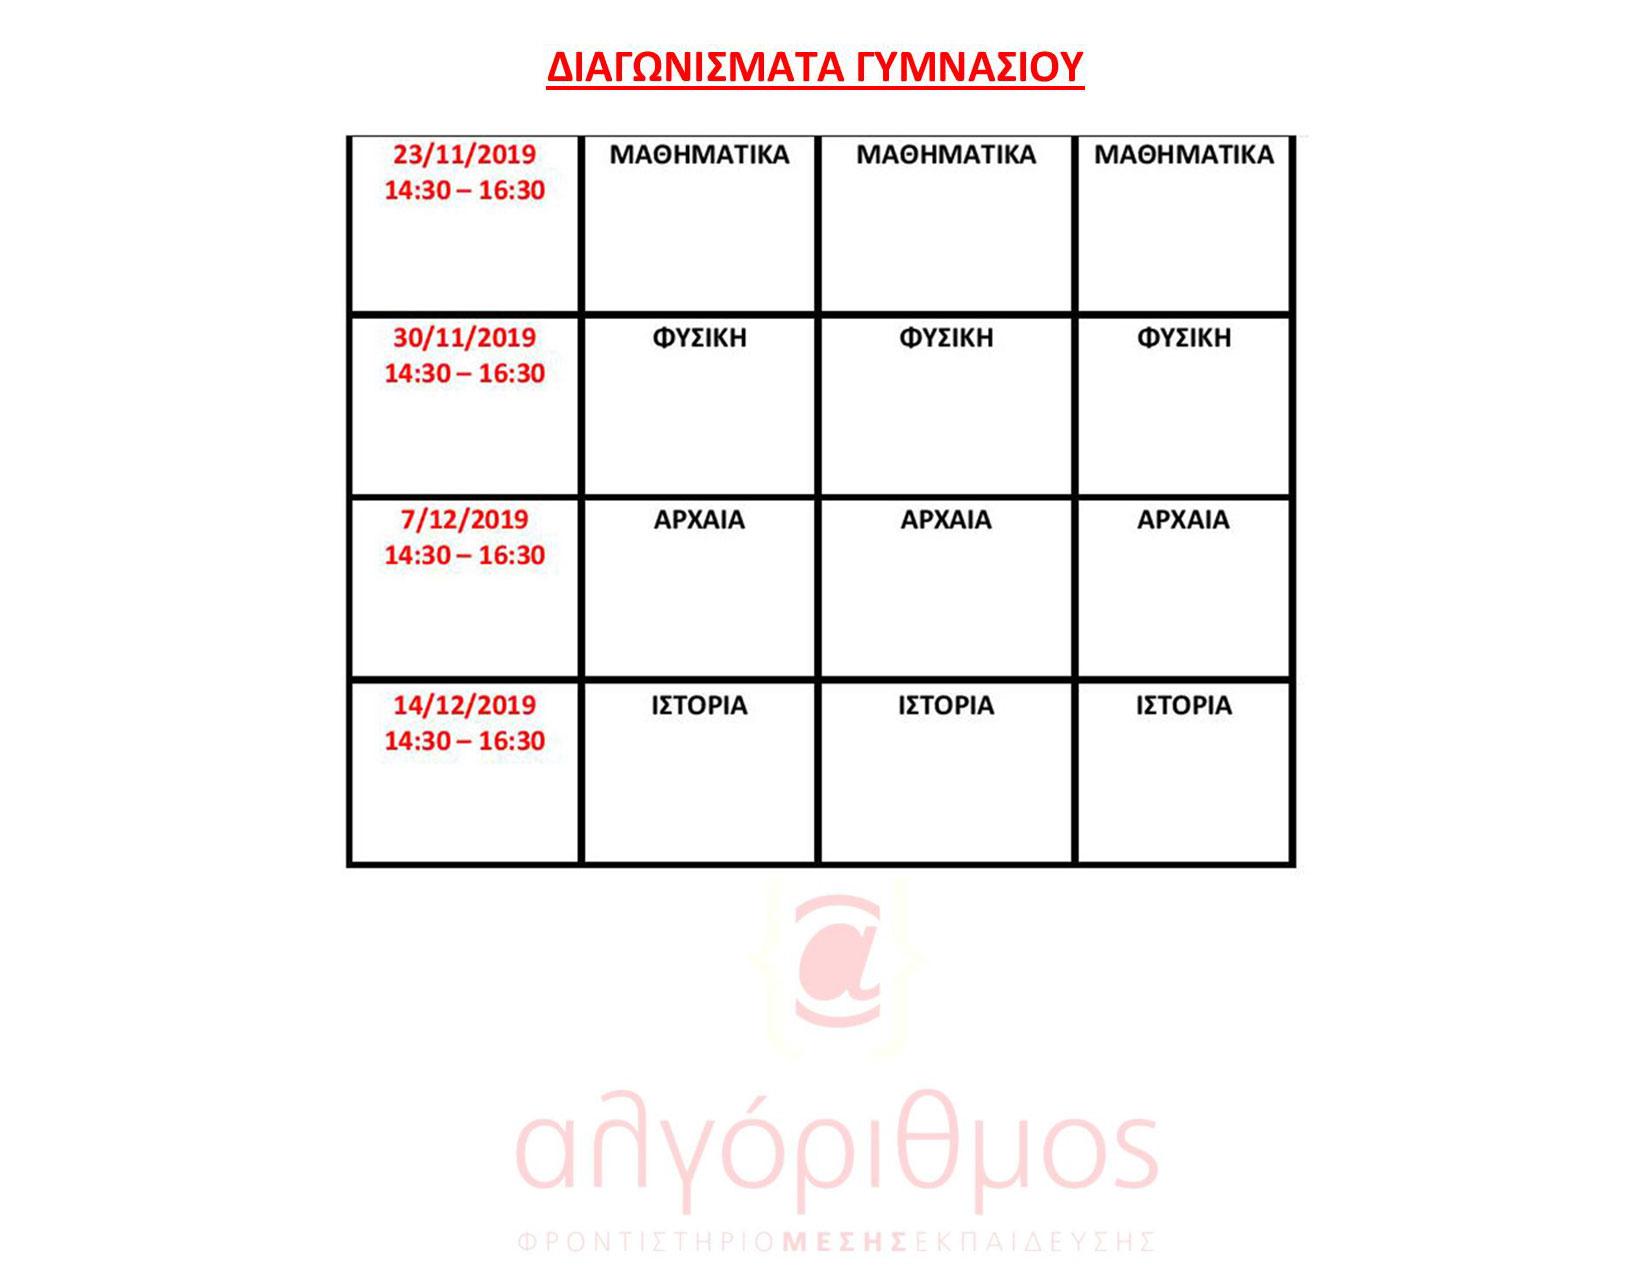 programma-diagonismaton-gimnasiou-algorithmos-5